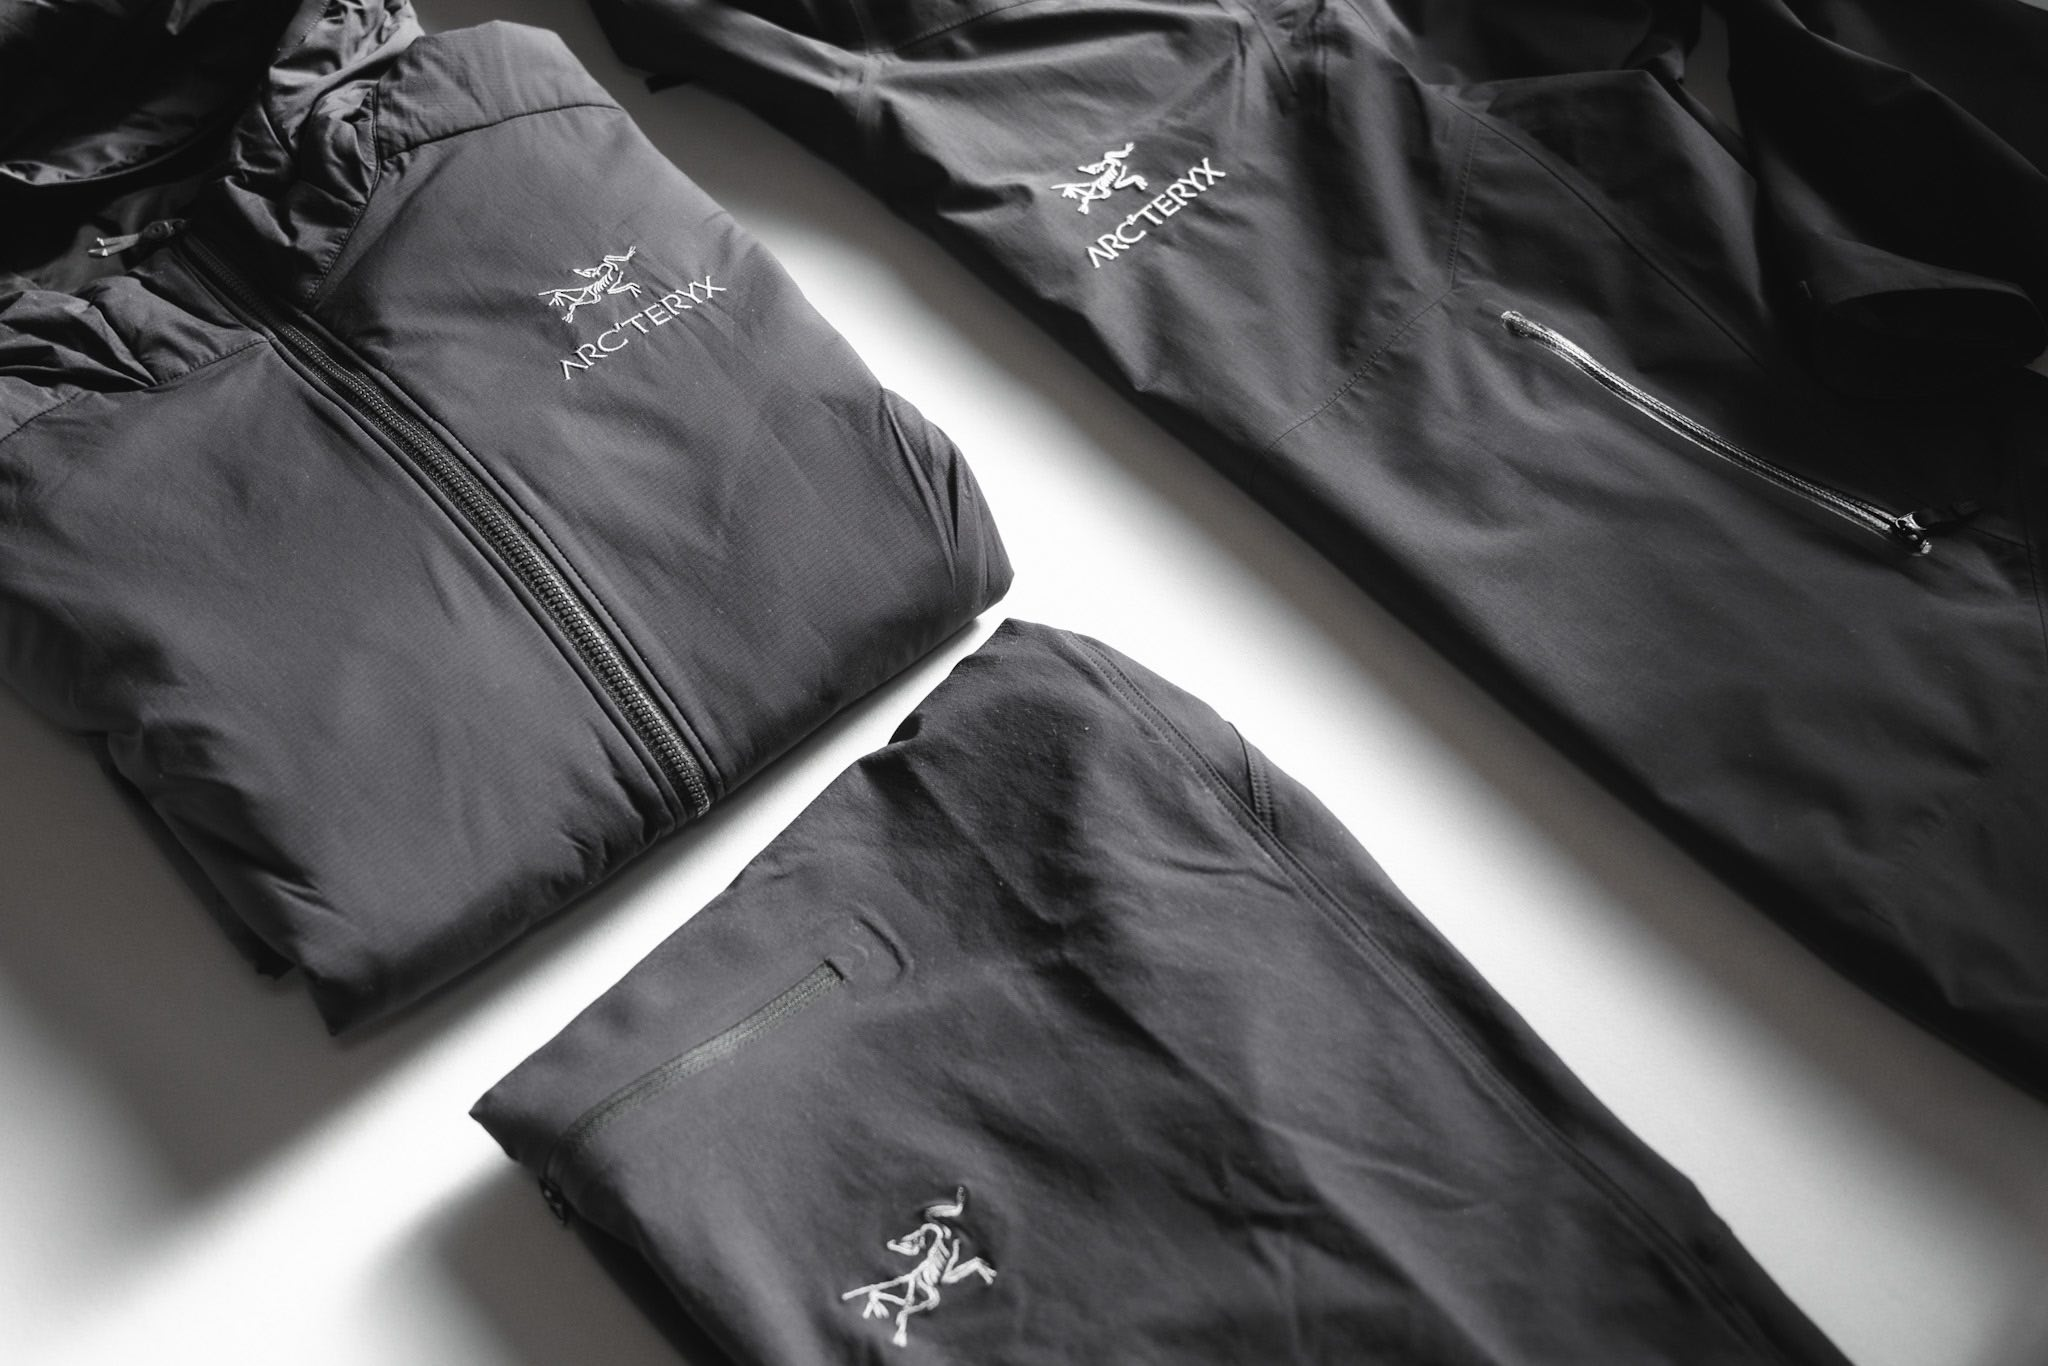 ARC'TERYX(アークテリクス)アトムLT|着回し:私服の制服化が捗りました!